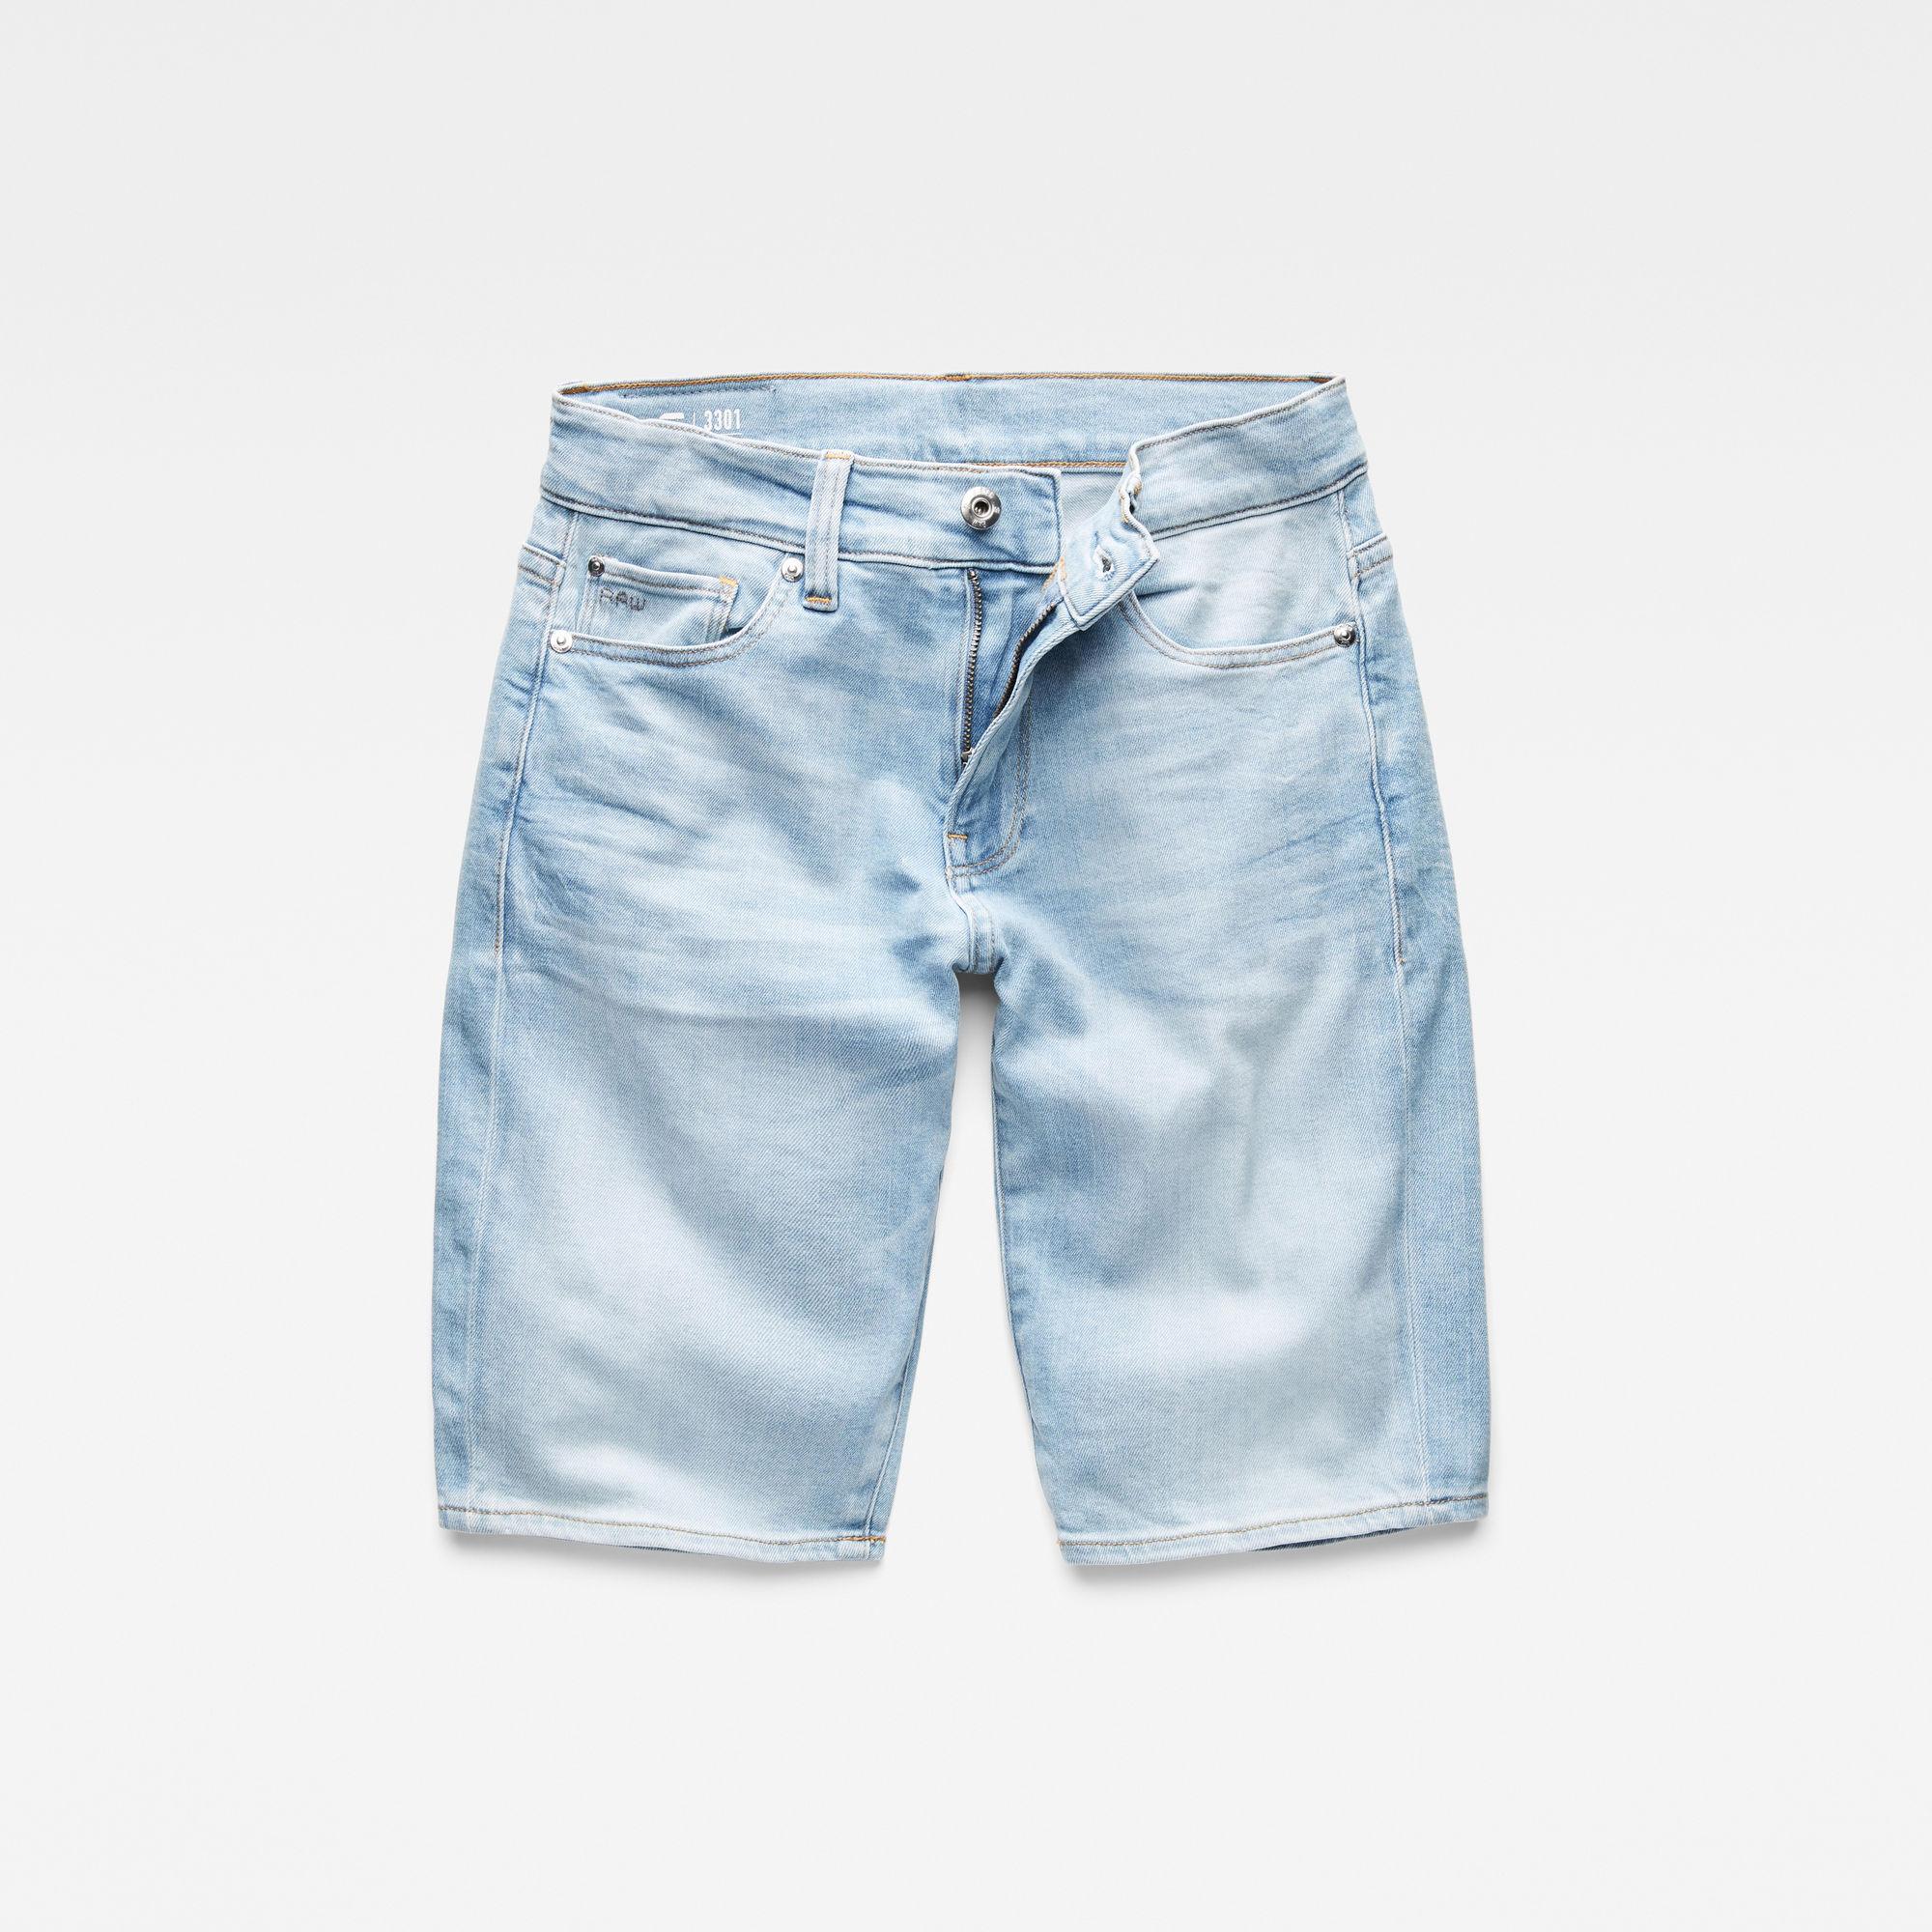 3301 Skinny Short